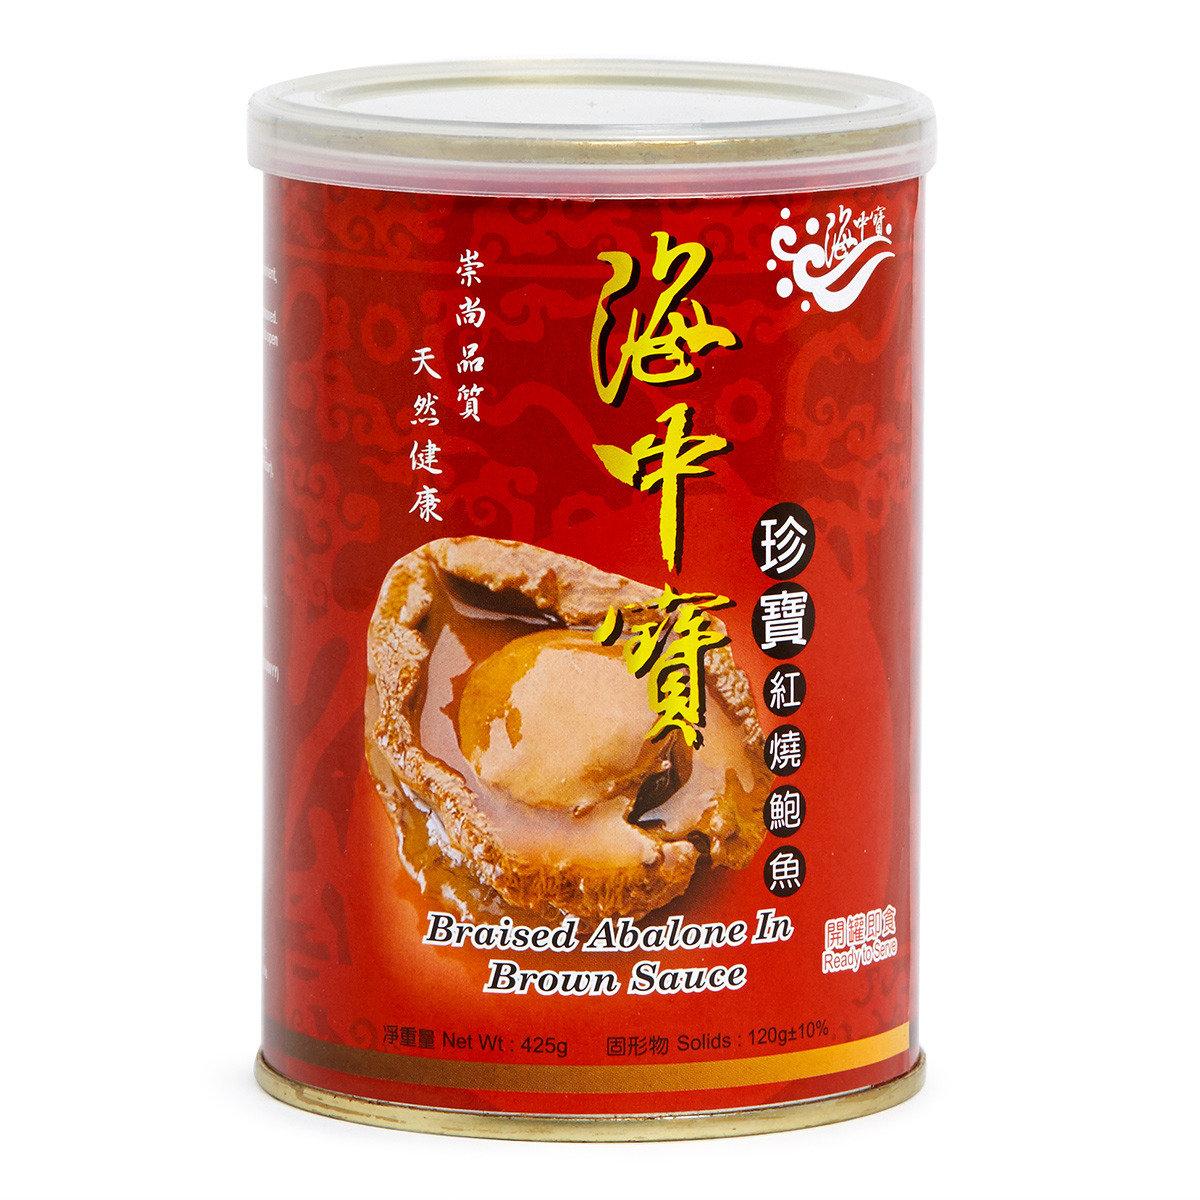 紅燒鮑魚(6頭裝)